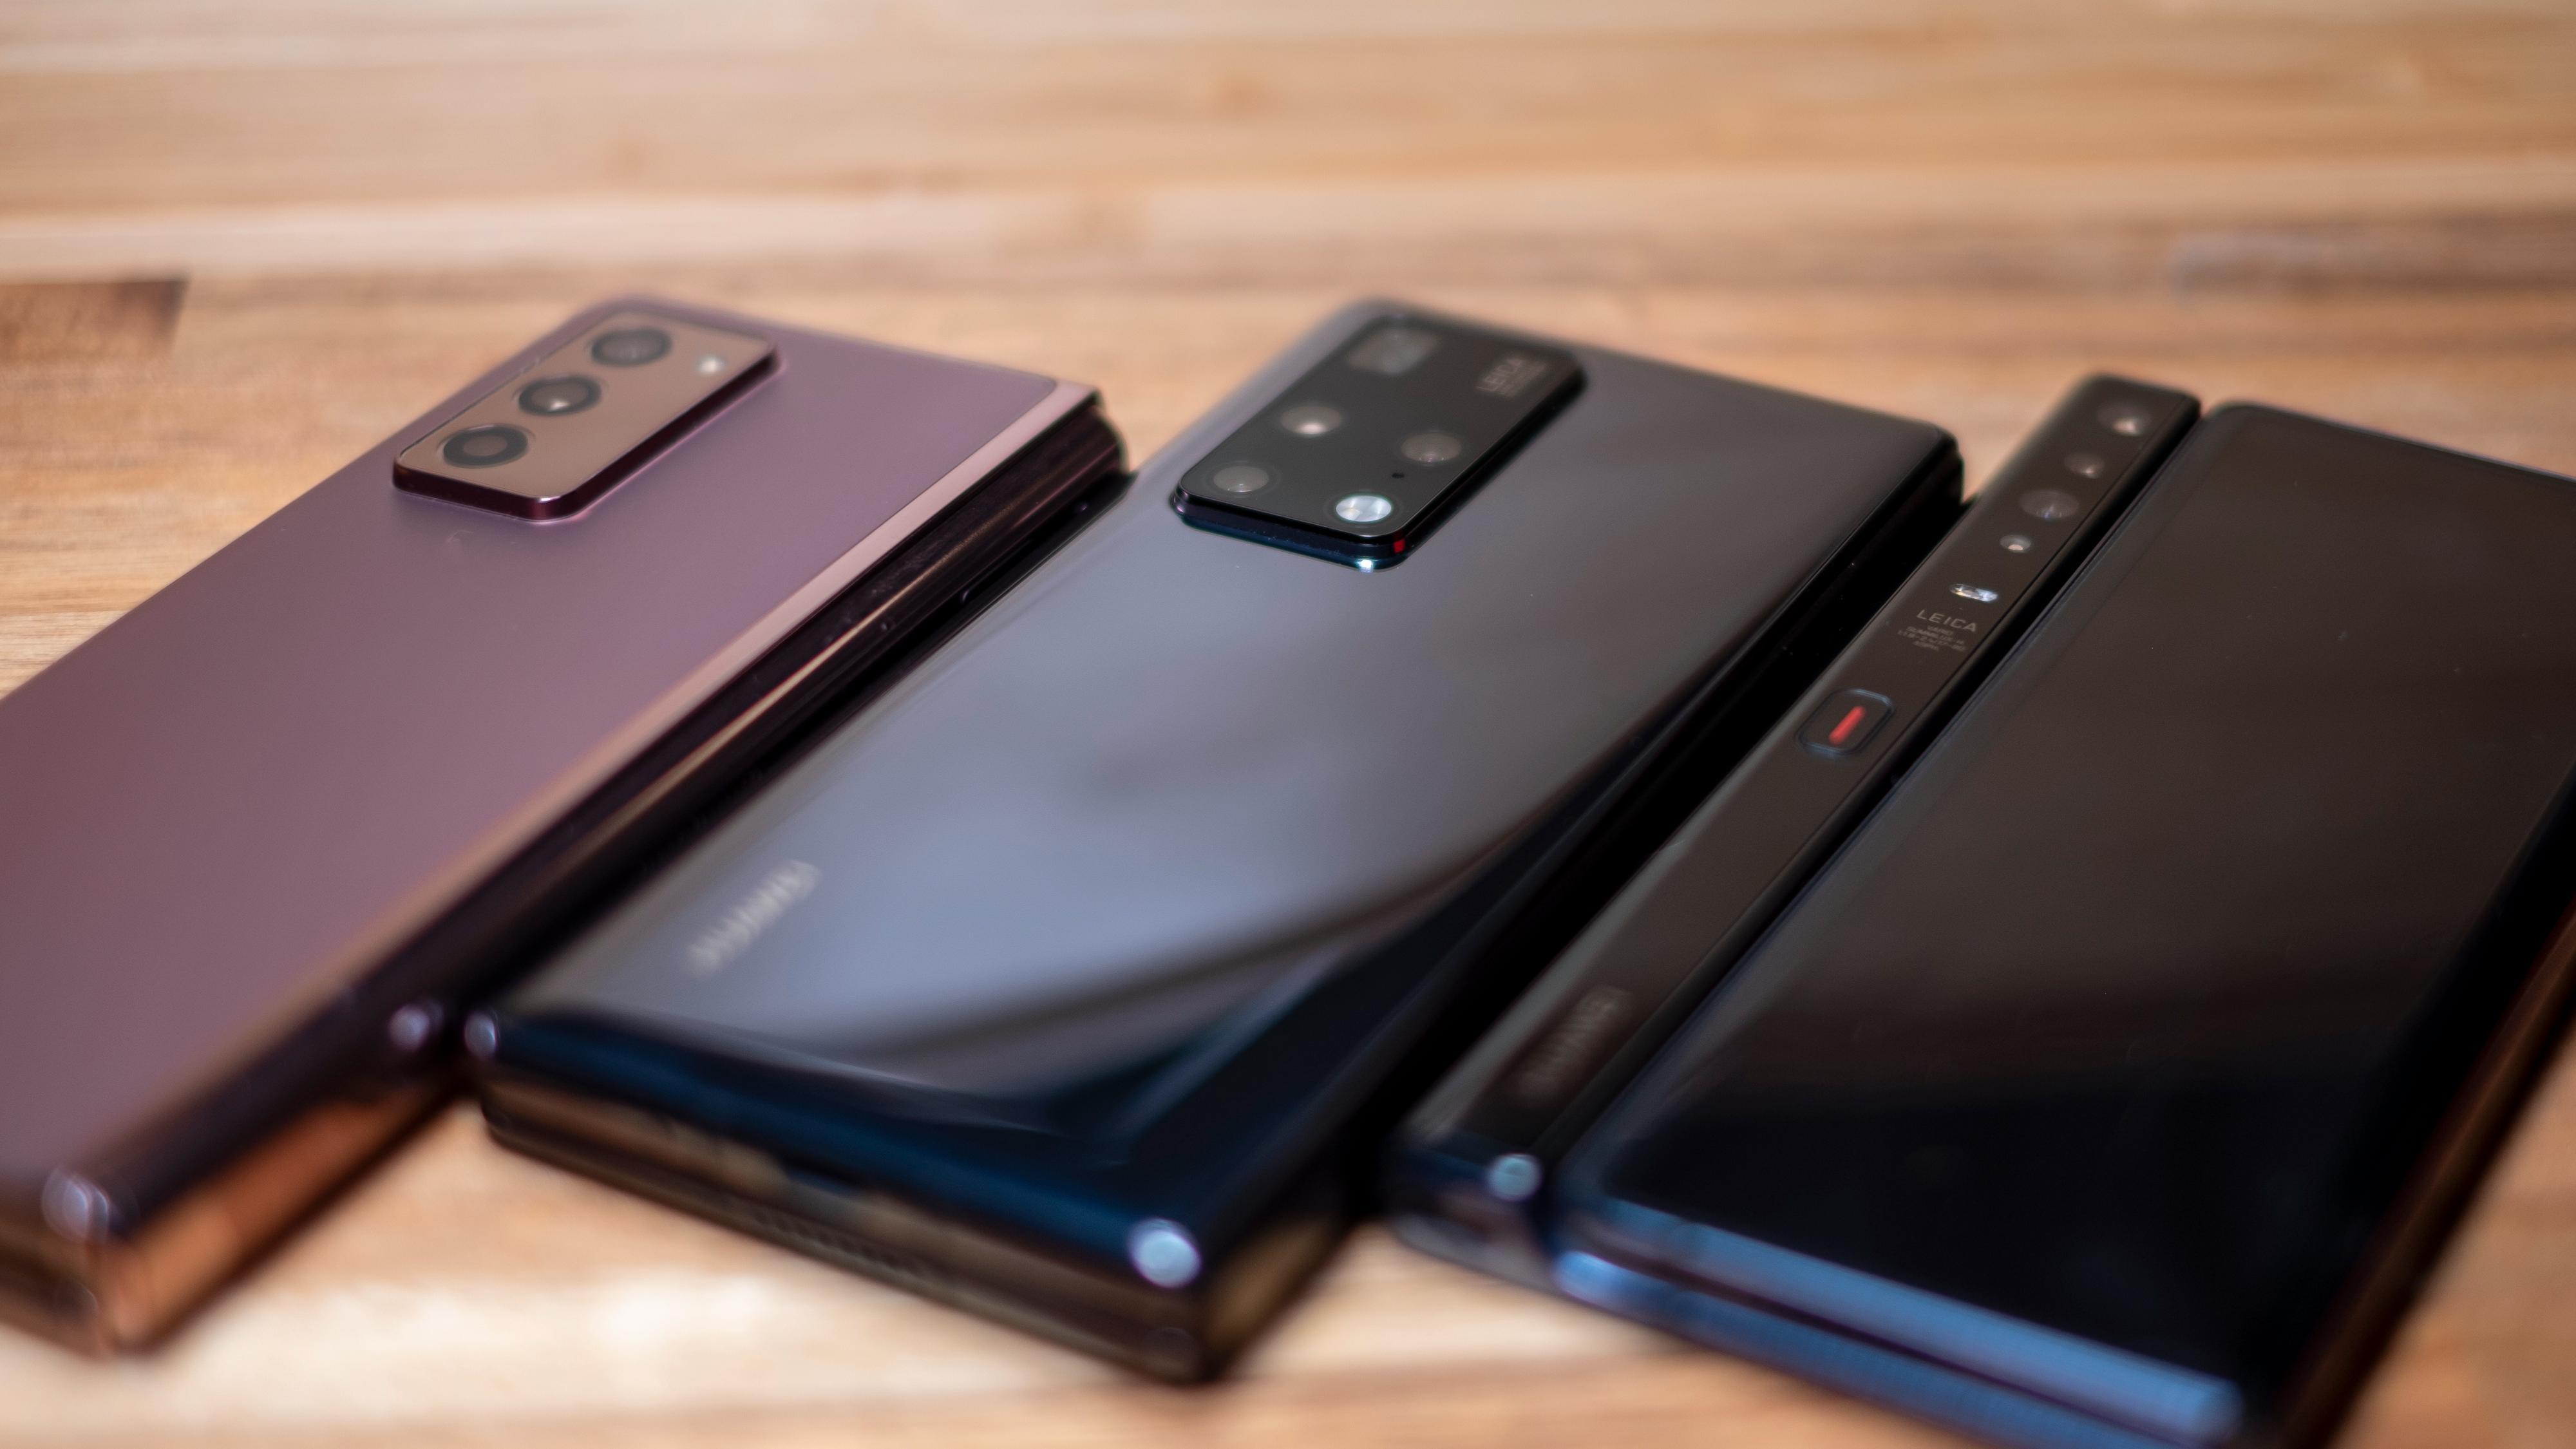 Baksiden av de tre brettemobilene - fra venstre; Galaxy Z Fold2, Mate X2 og Mate Xs - sistnevnte har ikke strengt tatt en bakside, siden bøyeskjermen går rundt hele telefonen.